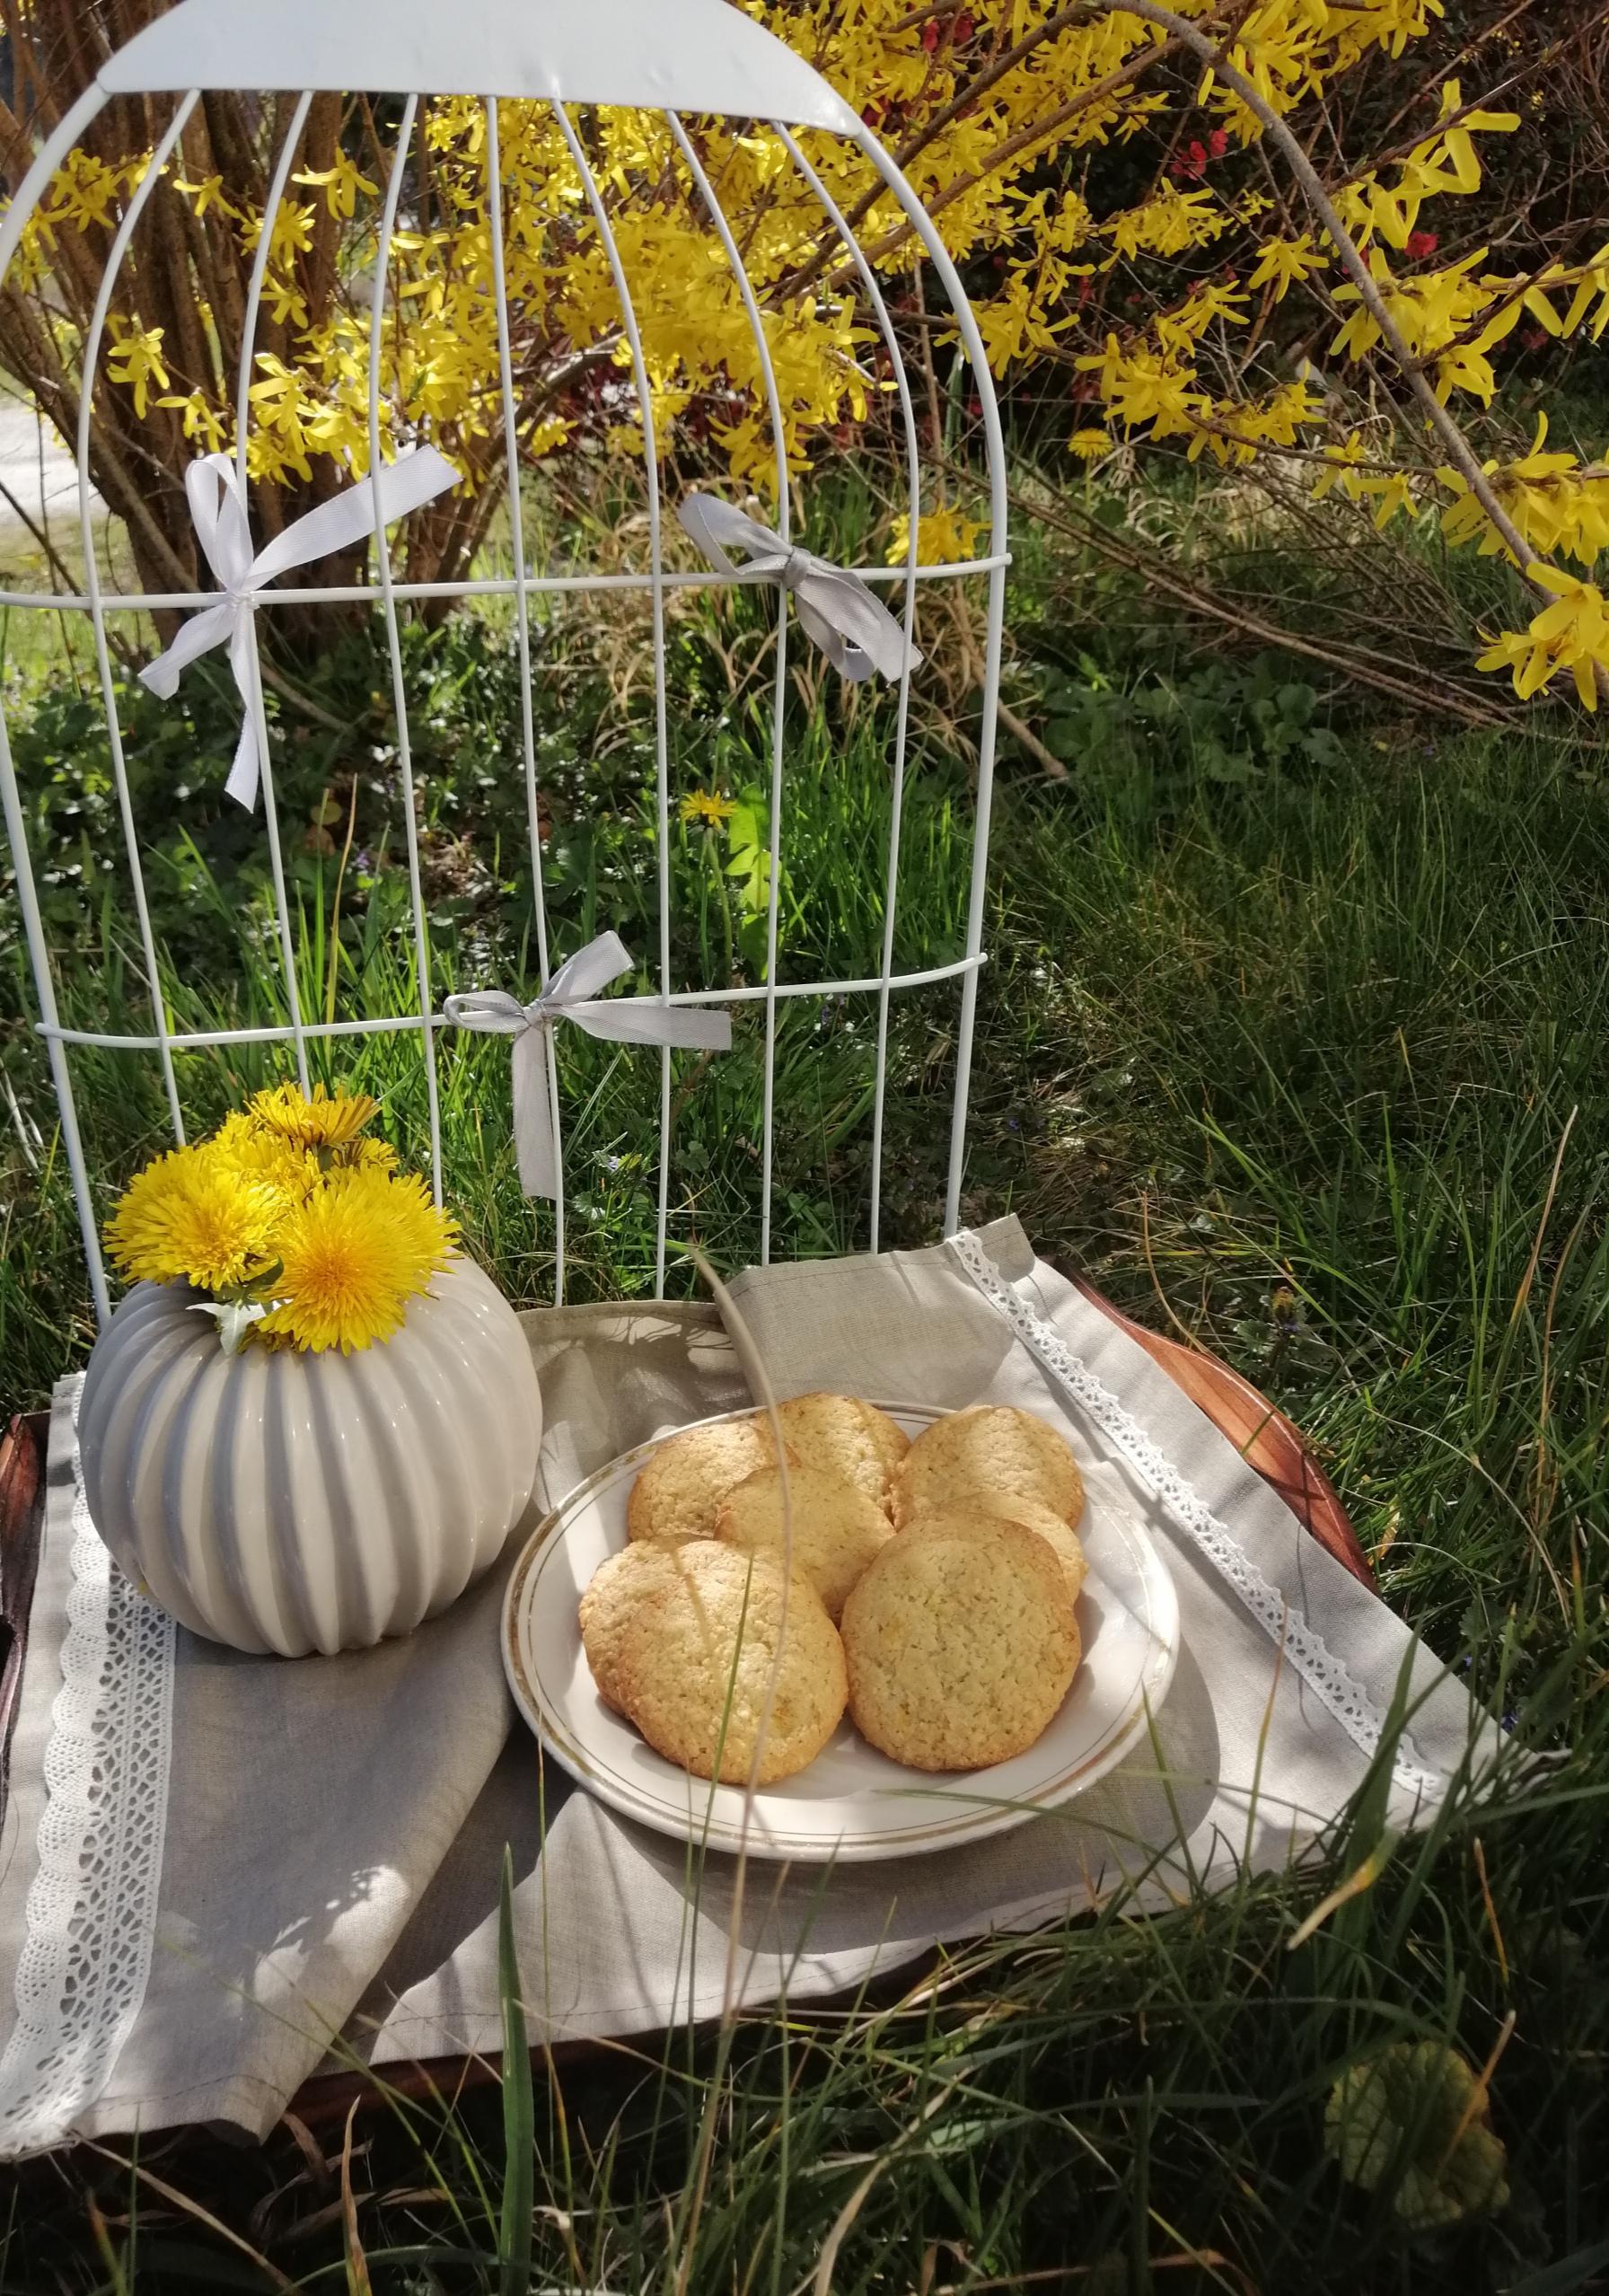 Hrskavi keksići sa bademom i cvjetovima maslačka